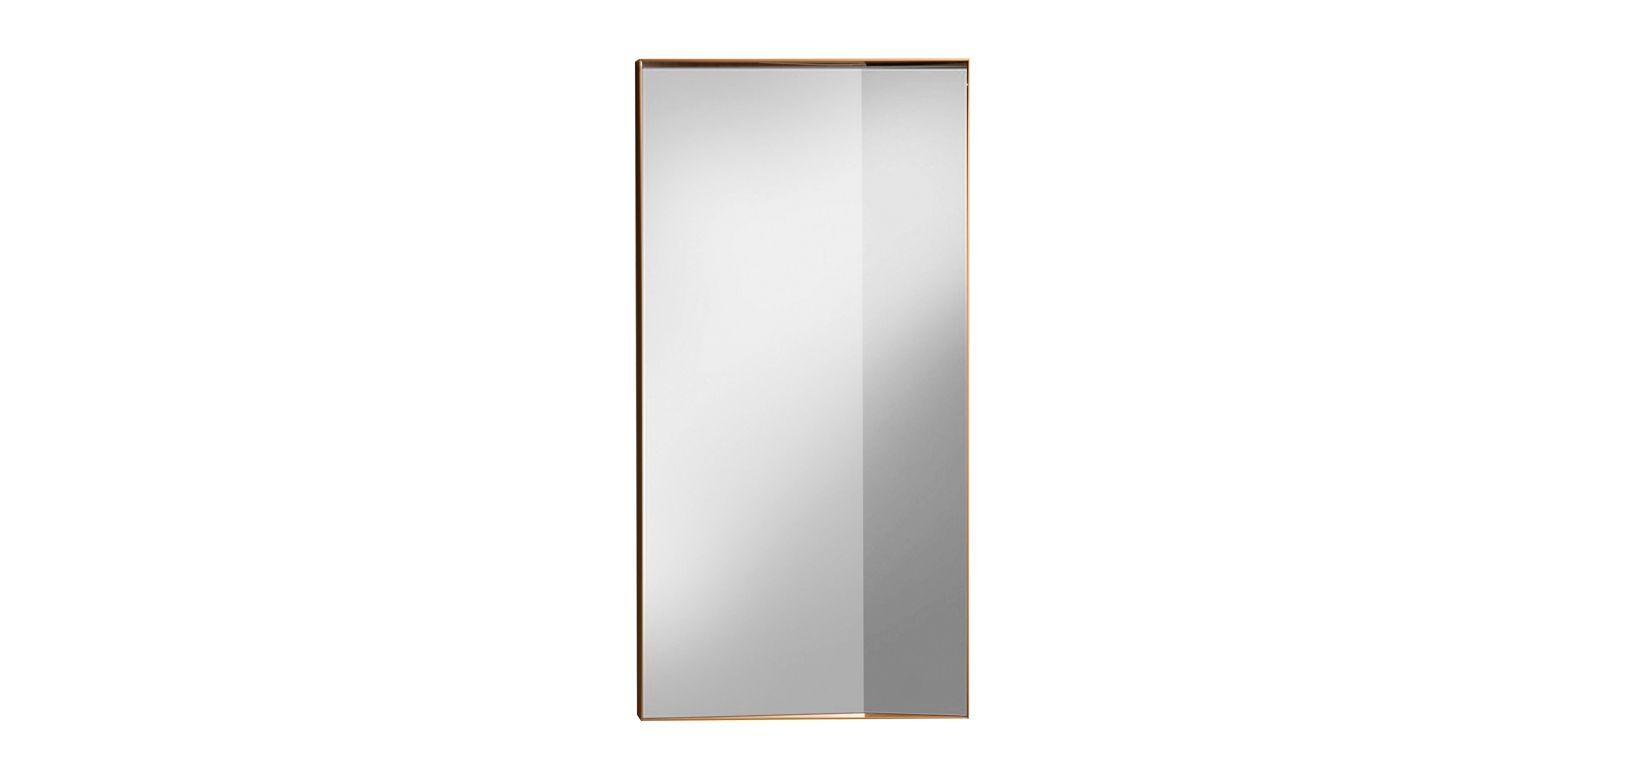 miroir r sultats correspondant votre recherche roche